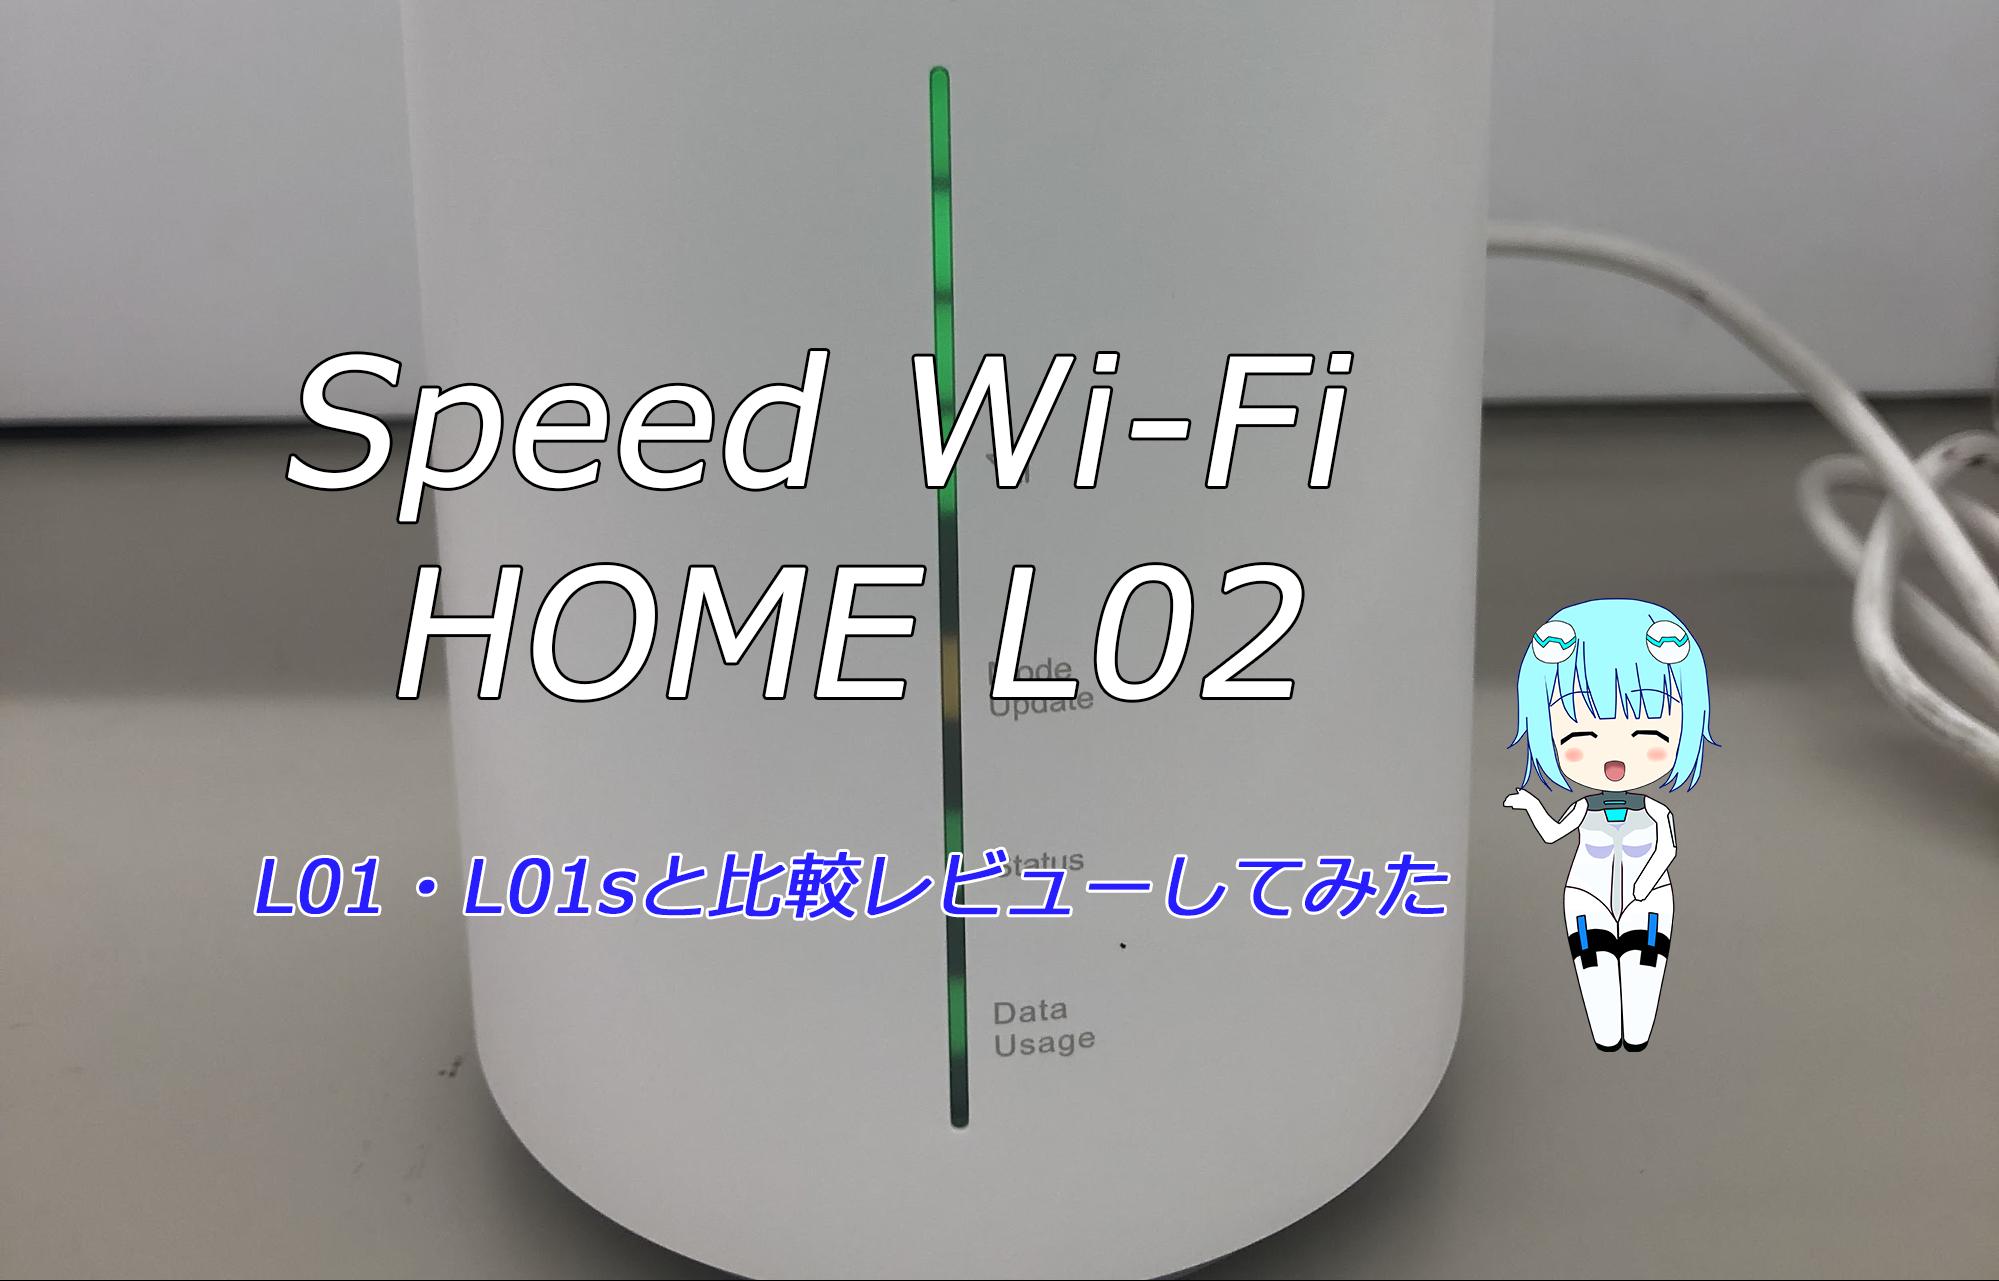 UQ「HOME L02」をレビュー!L01sとの比較や速度・使い方を徹底解説